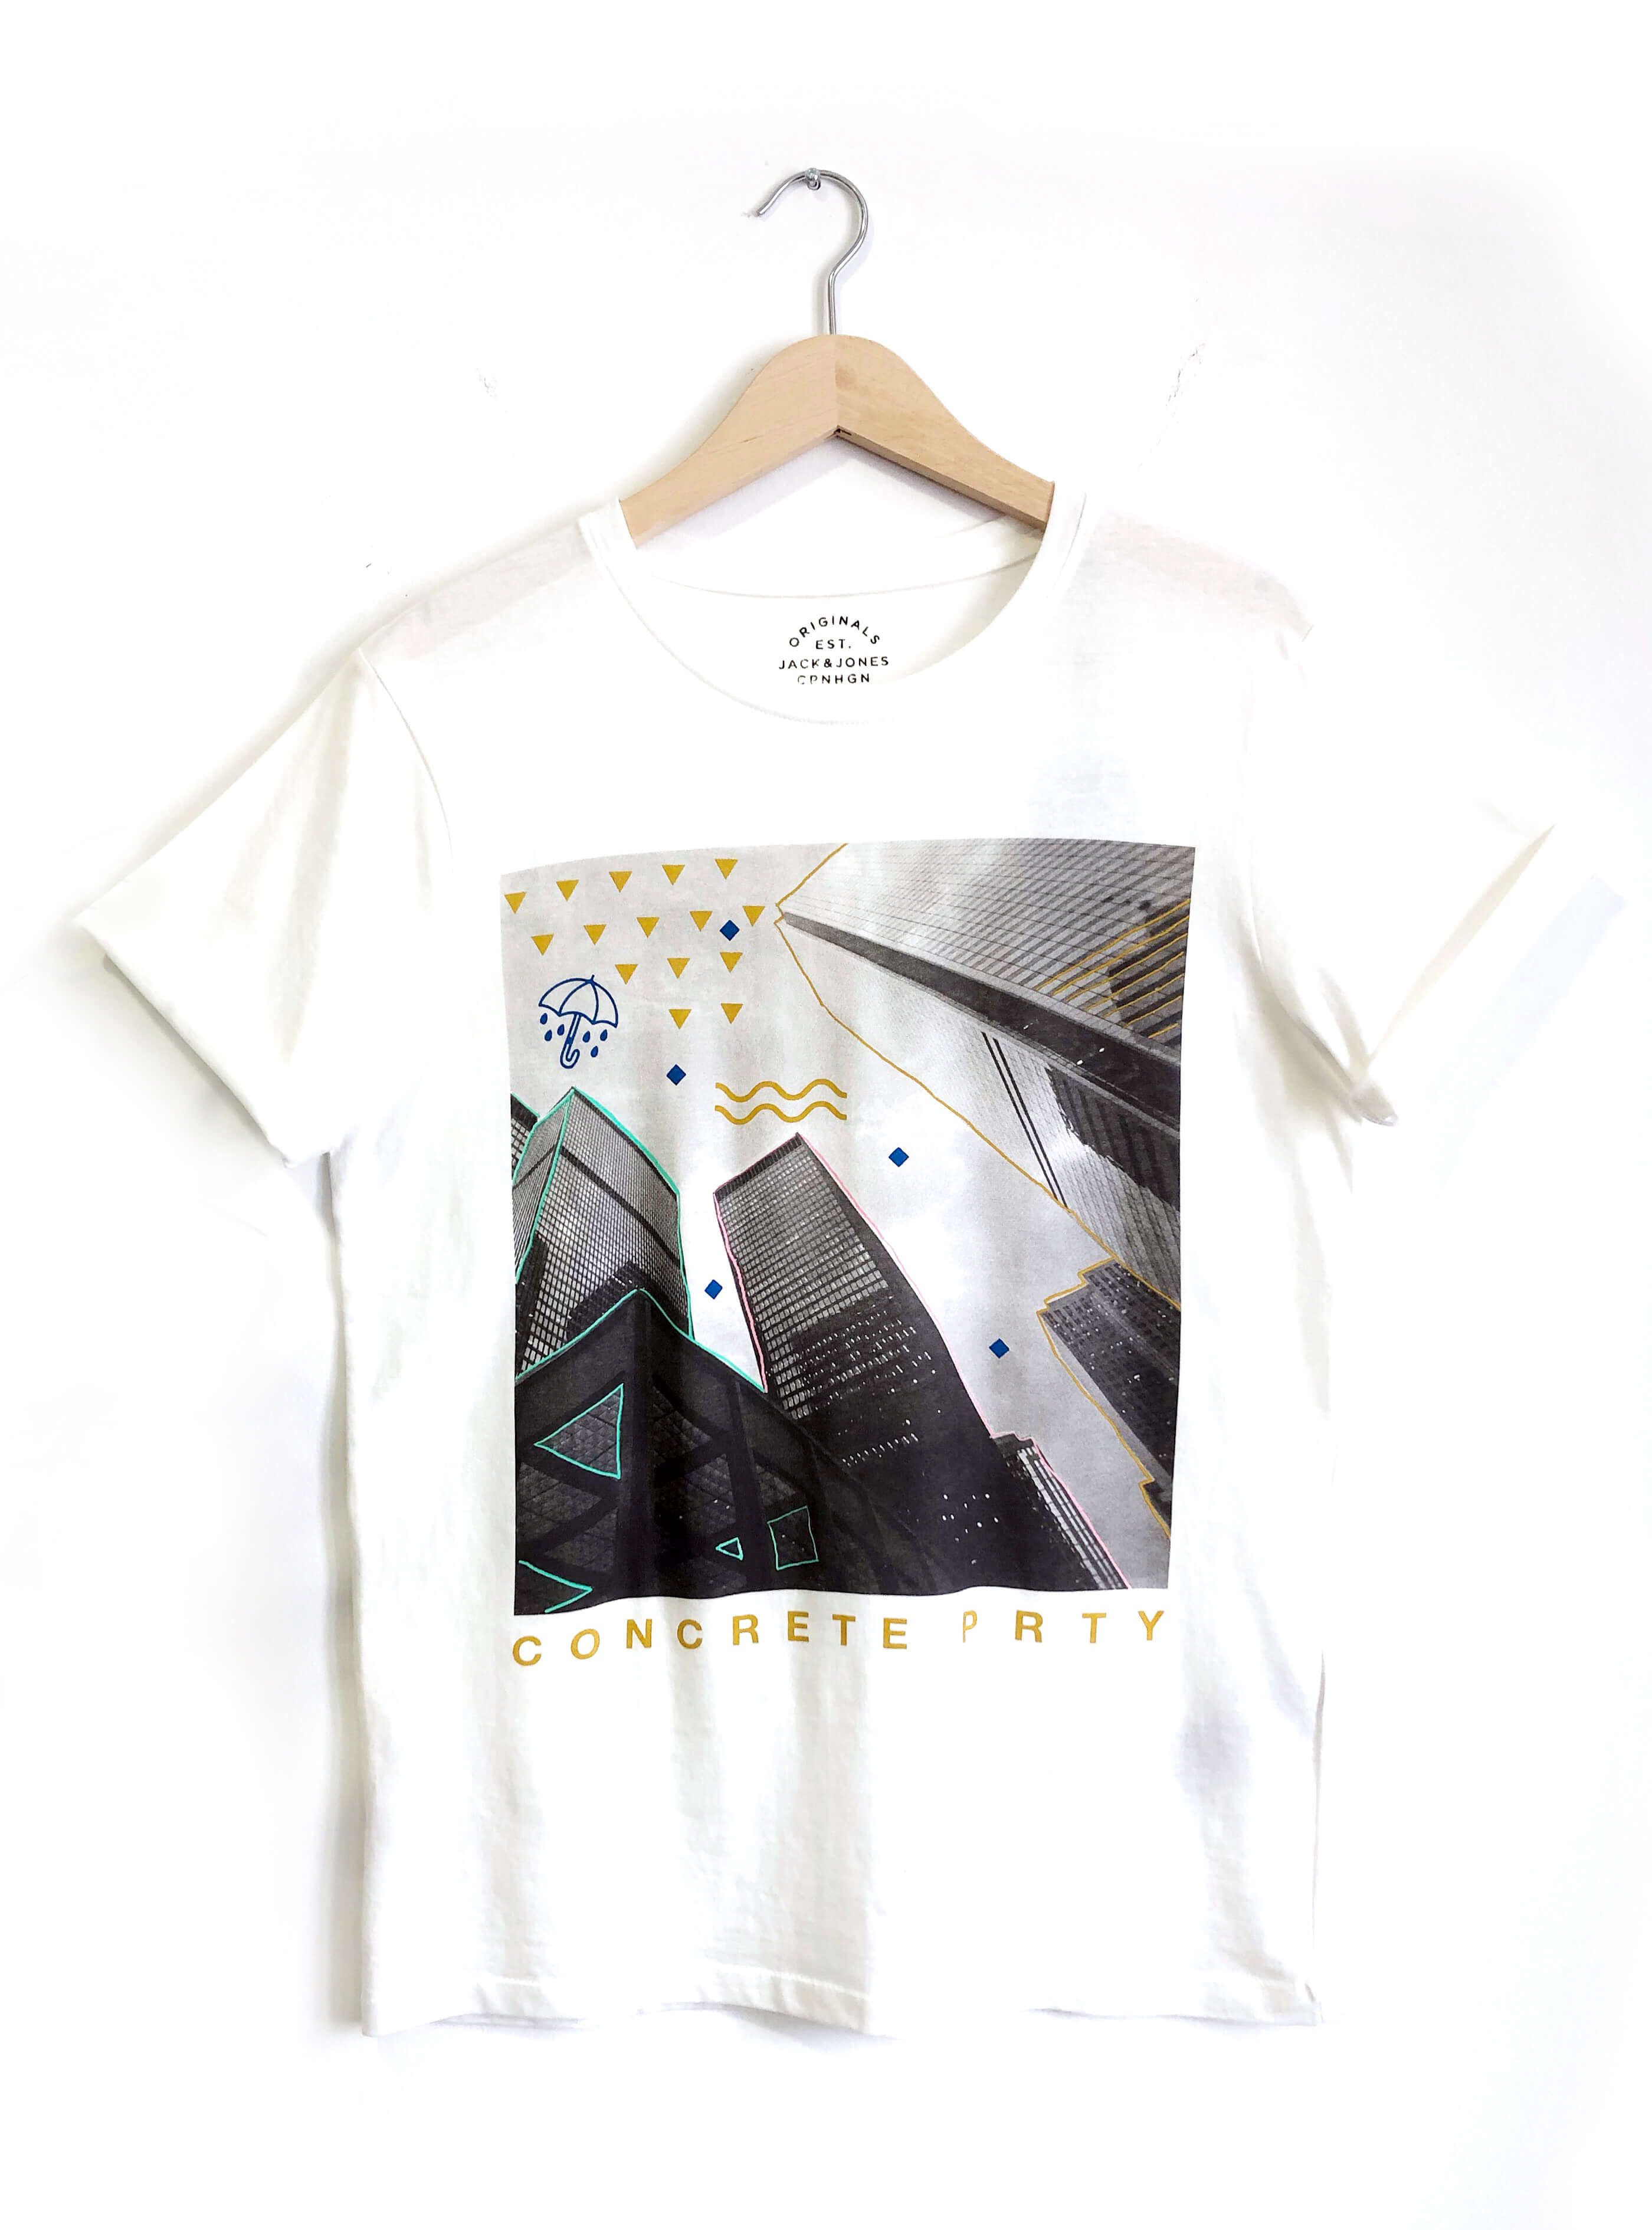 OUTLET CENA: 4,99 €